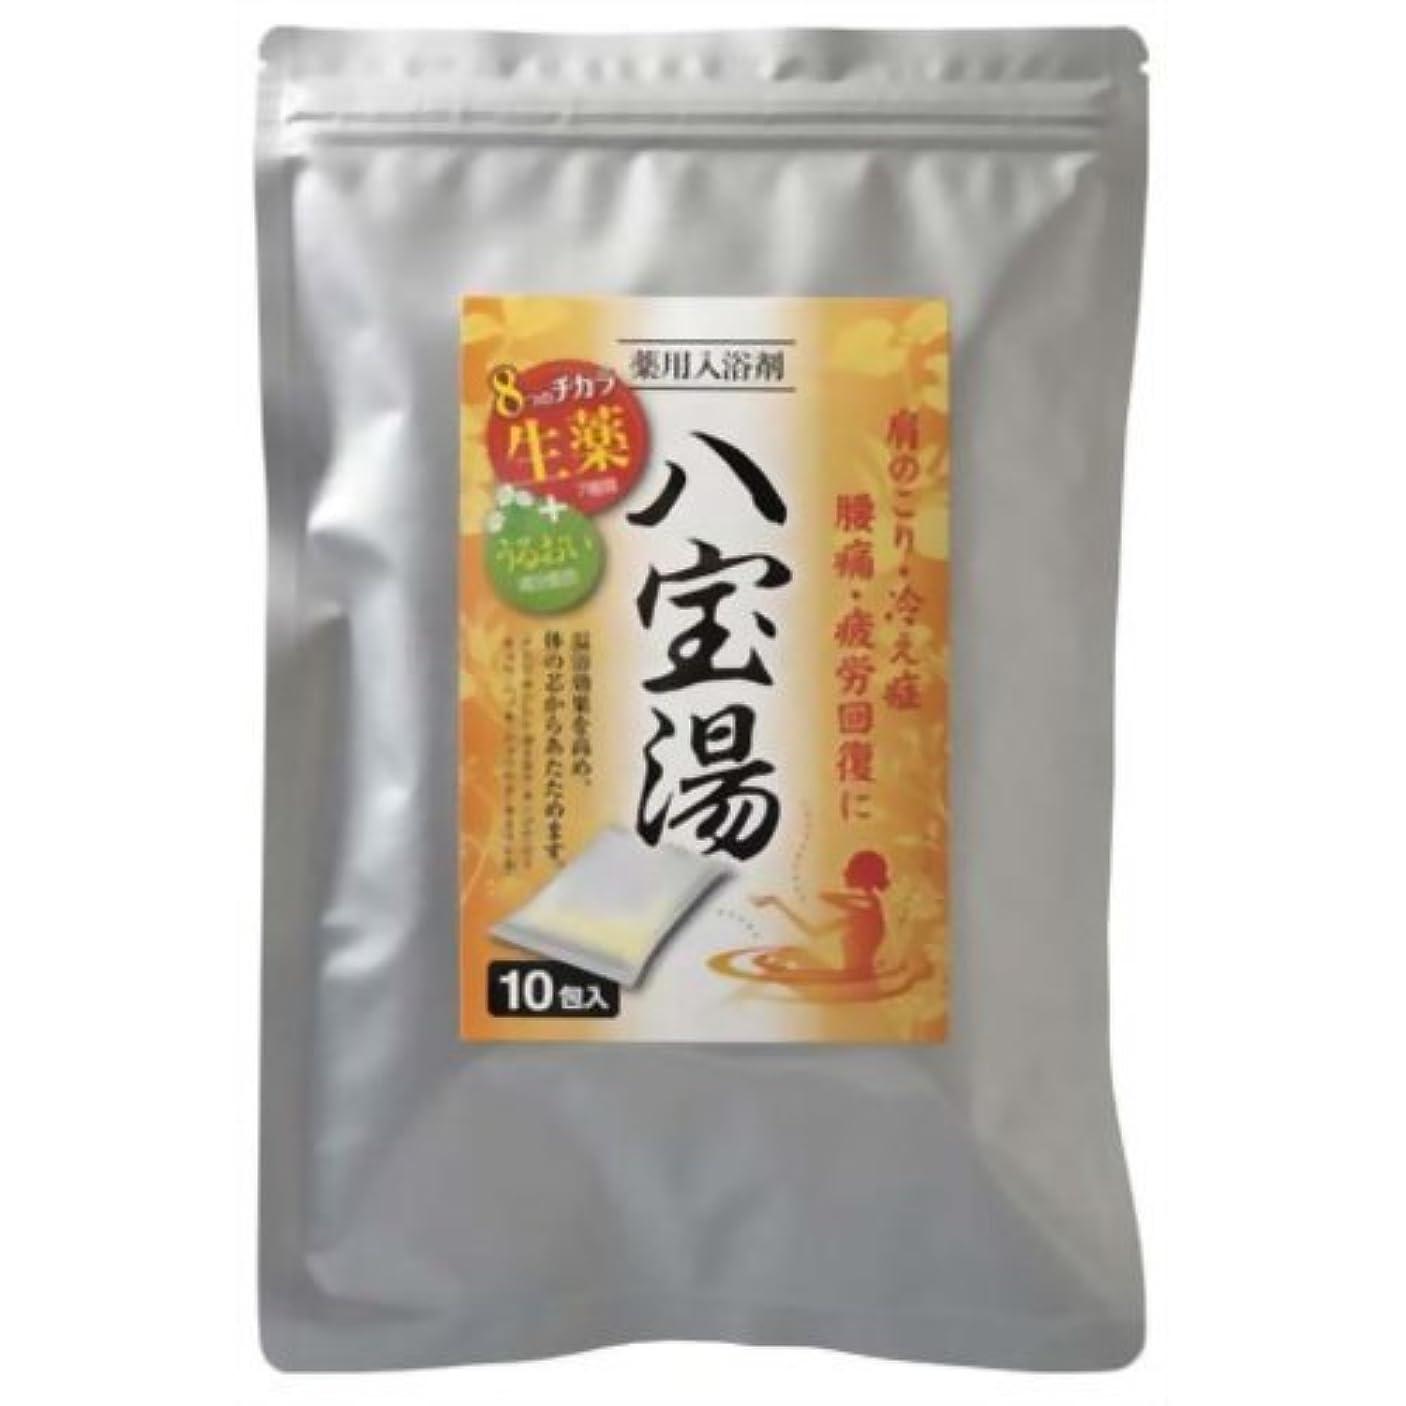 湿気の多い撃退する望ましい薬用入浴剤 八宝湯 カモミールの香り 10包 [医薬部外品]